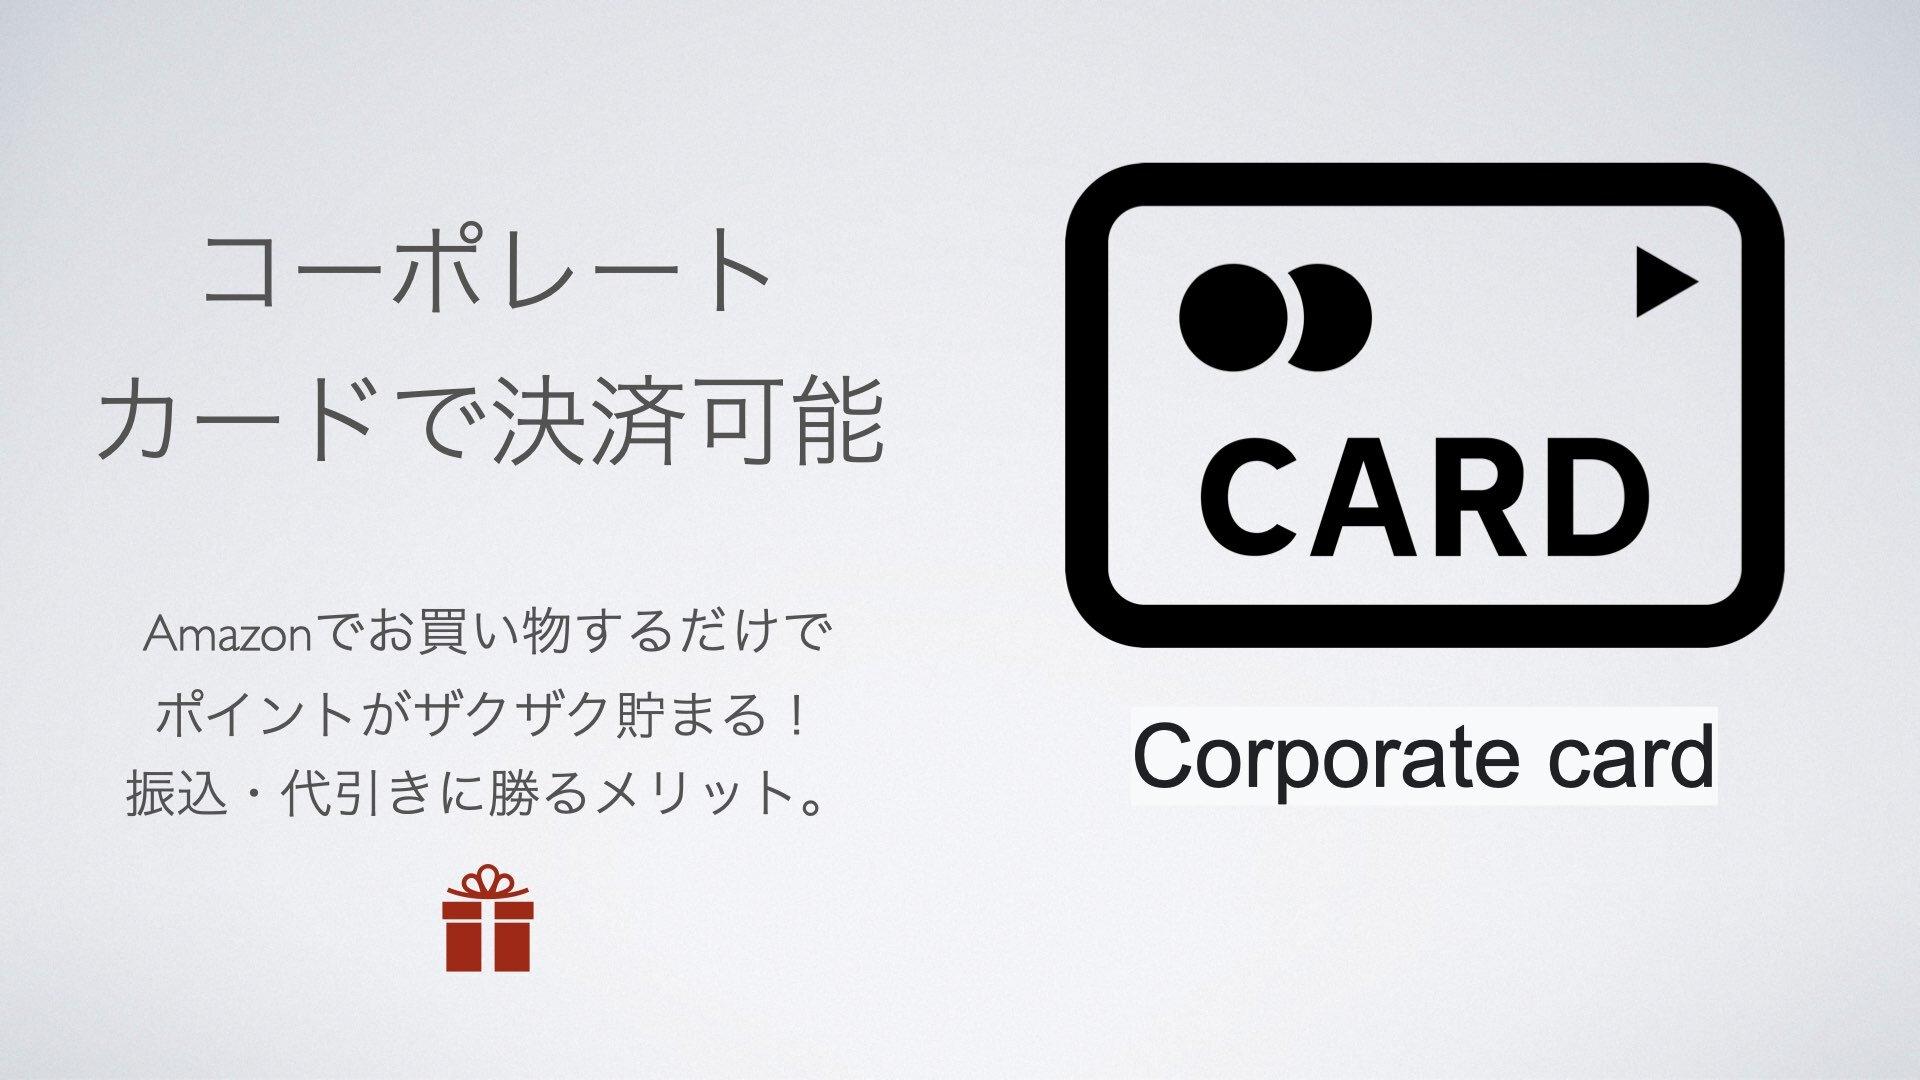 Amazonビジネスはコーポレートカード決済が可能なので、ポイントが貯まってお得!